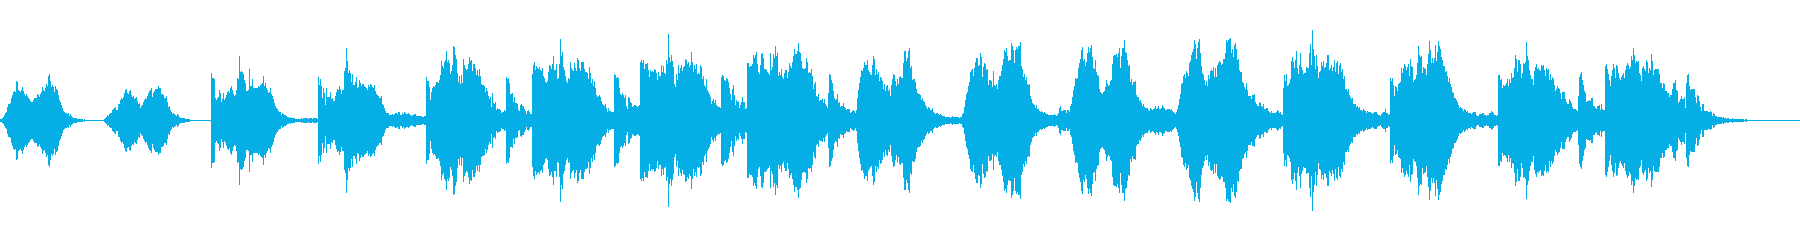 ドラマチックなアンビエントの再生済みの波形